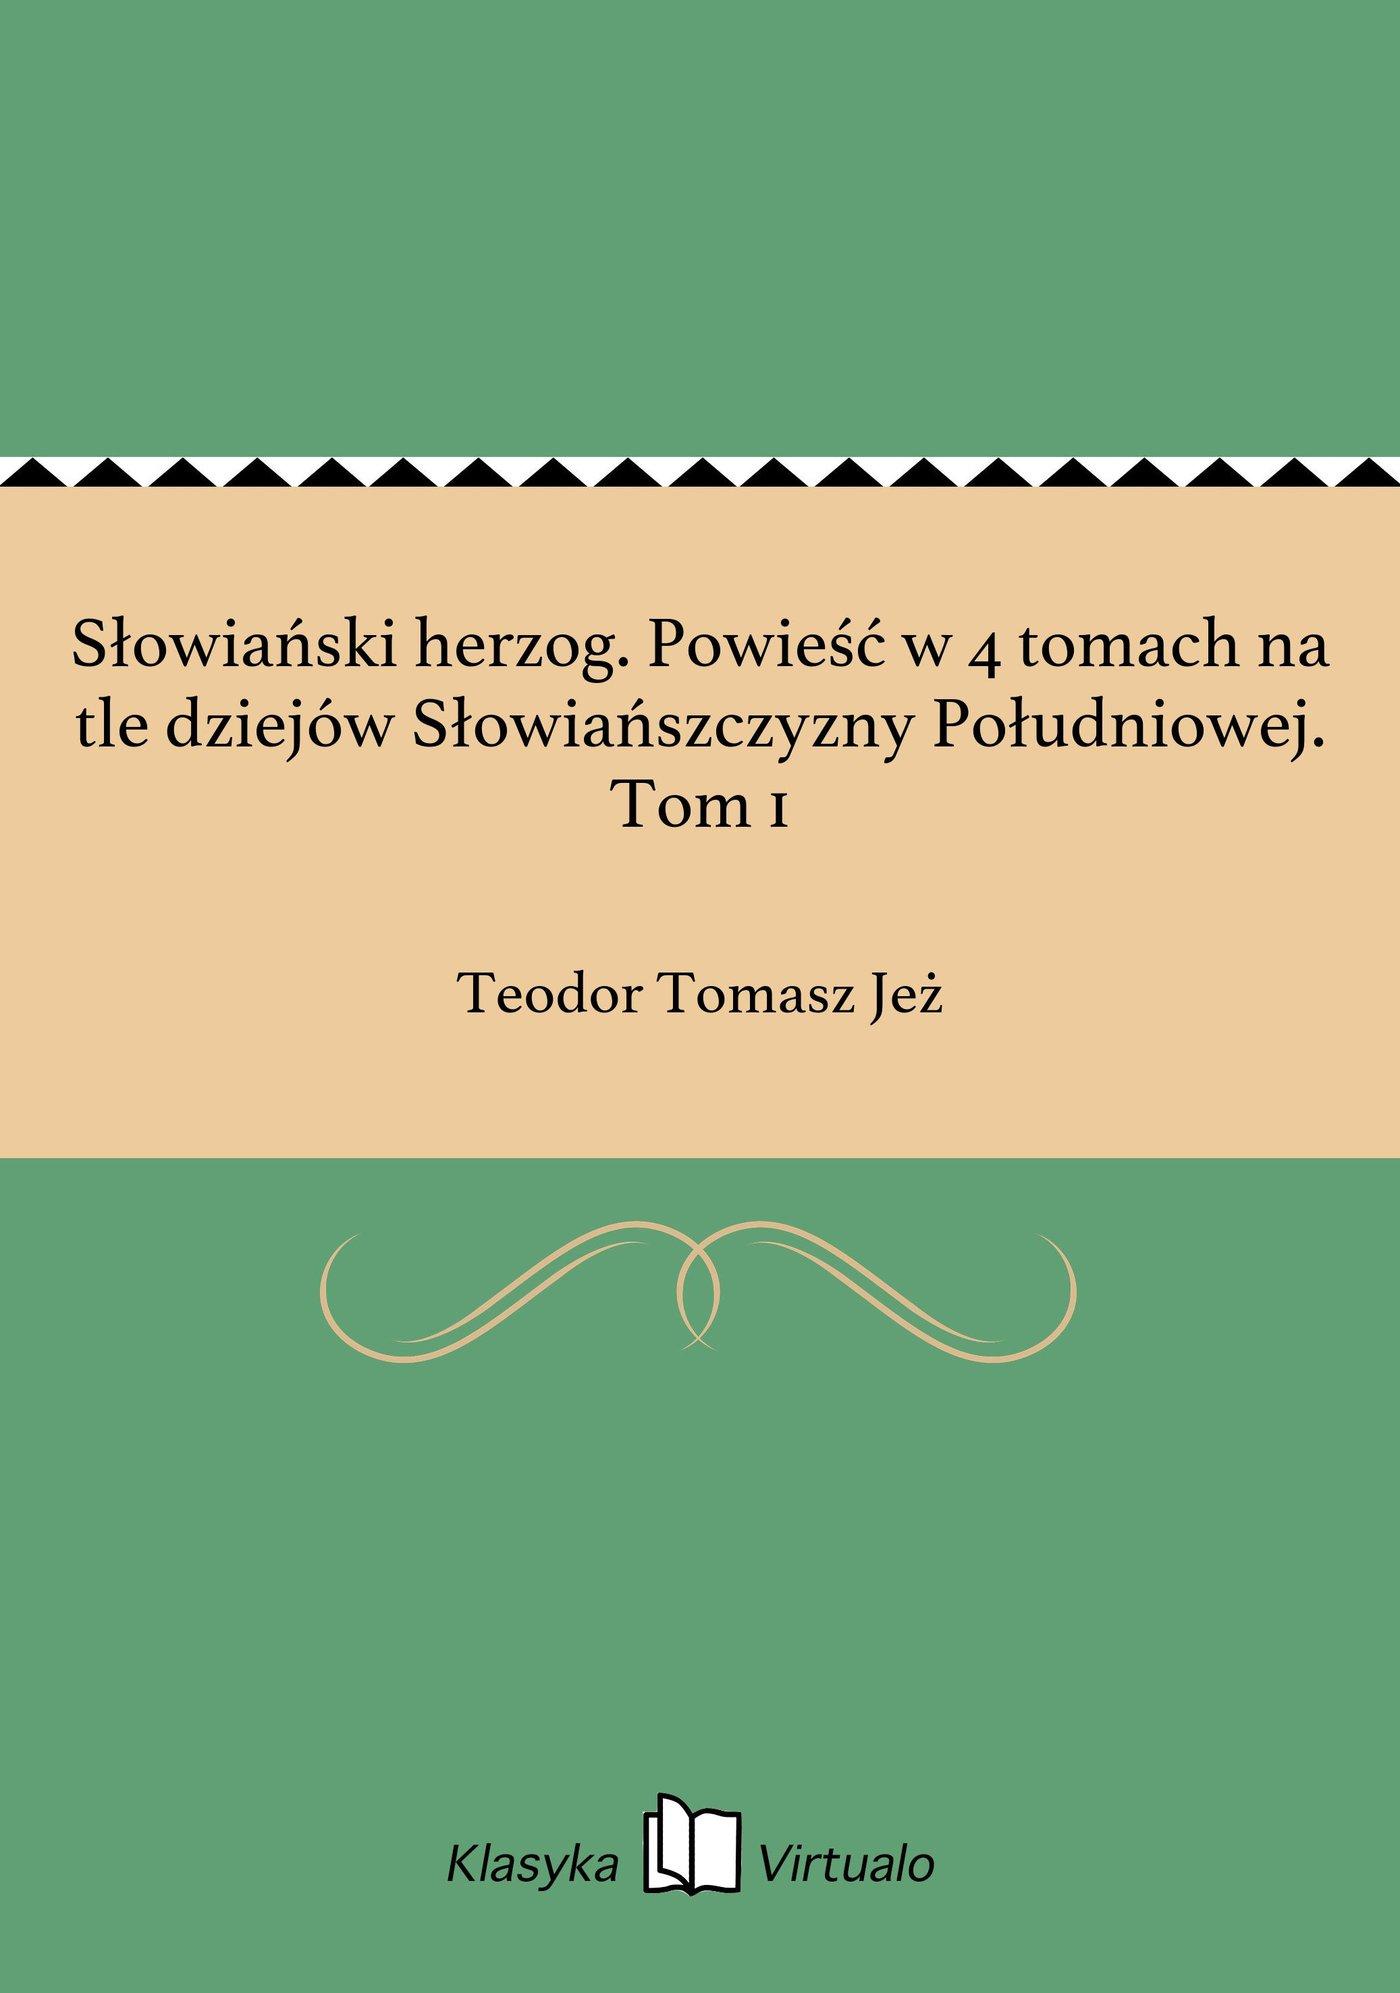 Słowiański herzog. Powieść w 4 tomach na tle dziejów Słowiańszczyzny Południowej. Tom 1 - Ebook (Książka EPUB) do pobrania w formacie EPUB